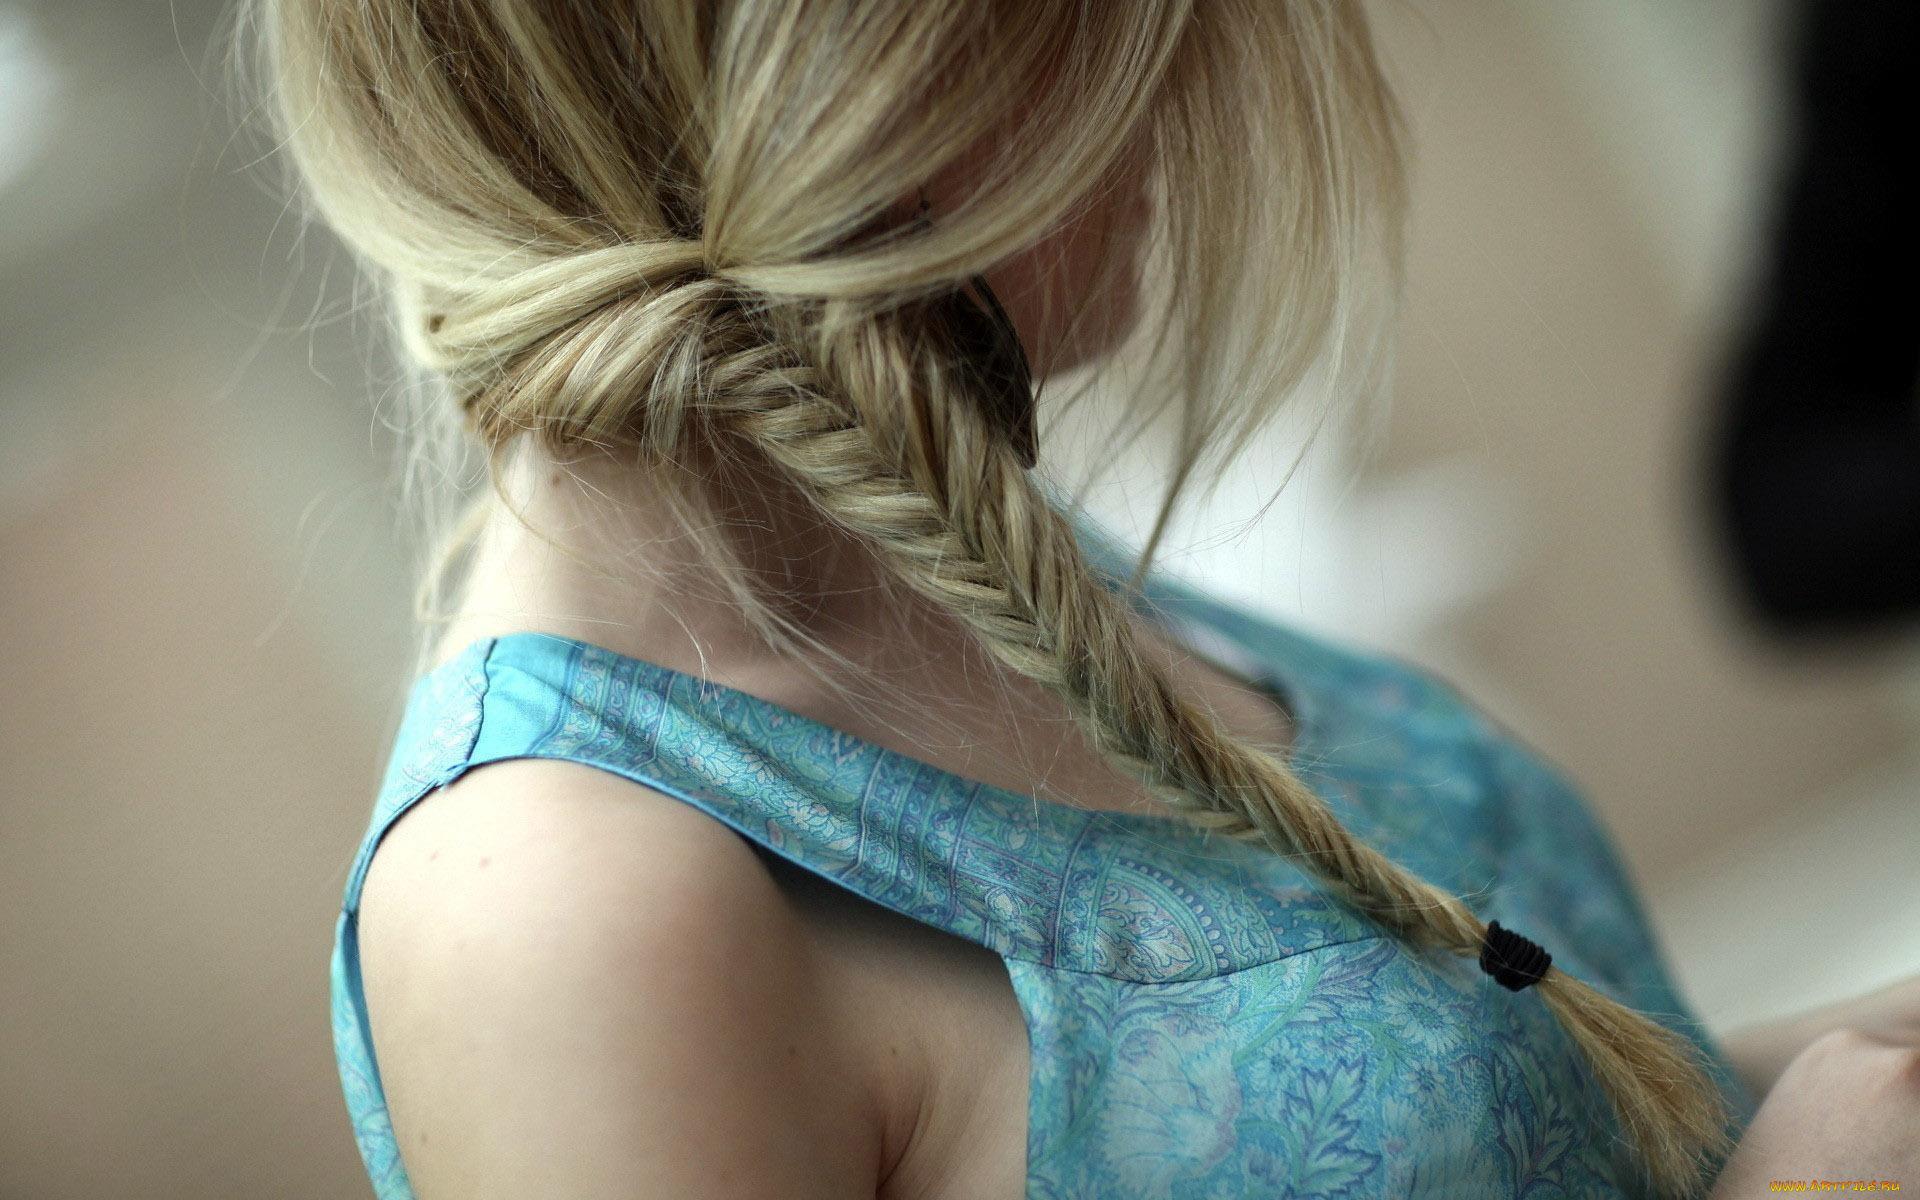 Для, красивые картинки блондинок сзади